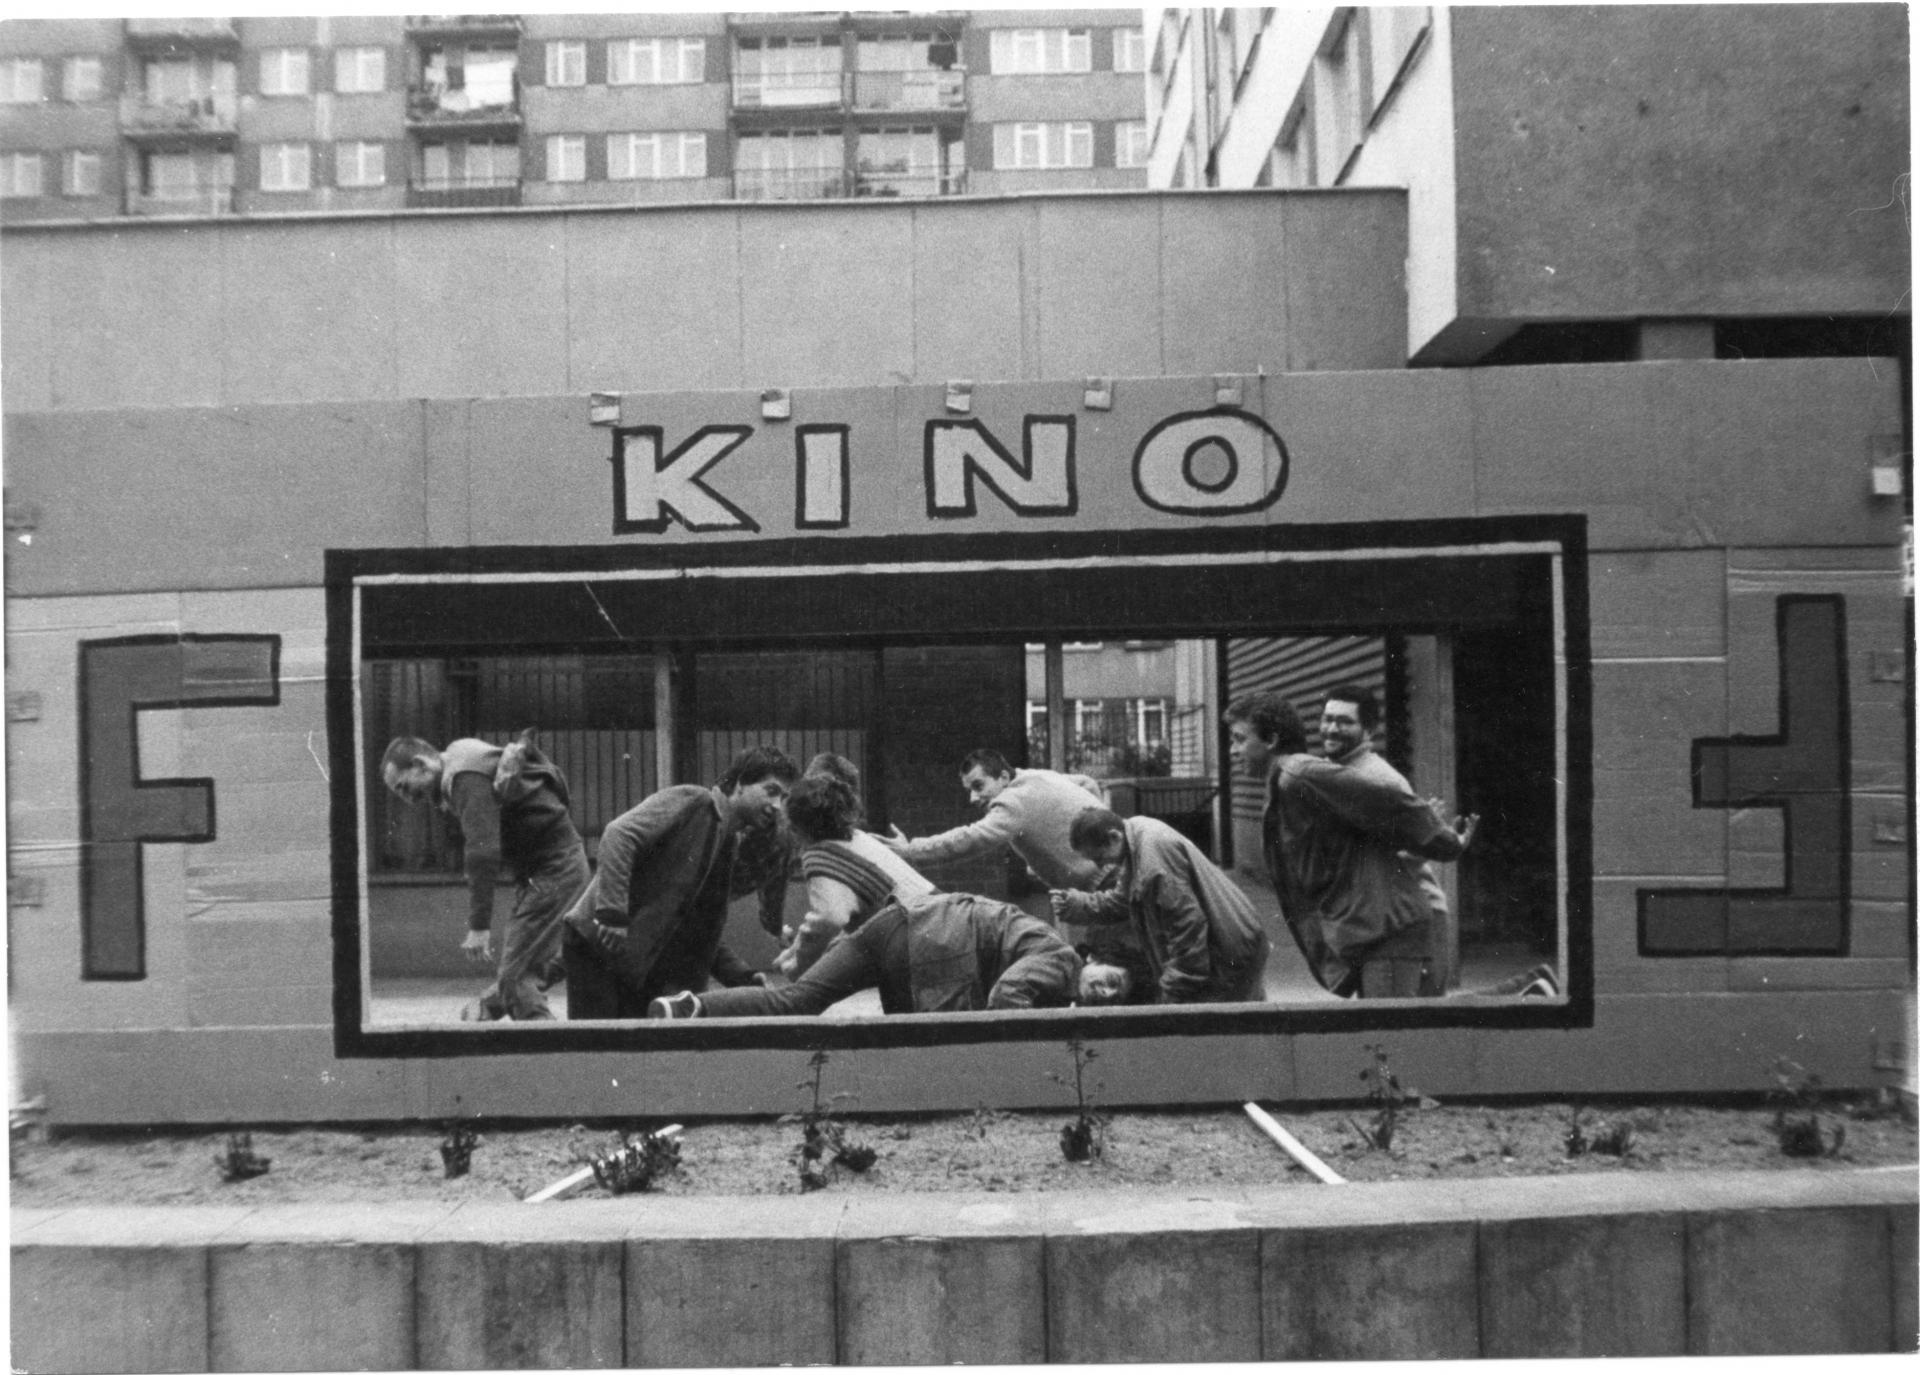 Praffdata, akcja HOLIŁÓDŹ, Dzień dziecka, Łódź Bałuty, 1987, fot. Tomek Jagodziński, archiwum Praffdaty